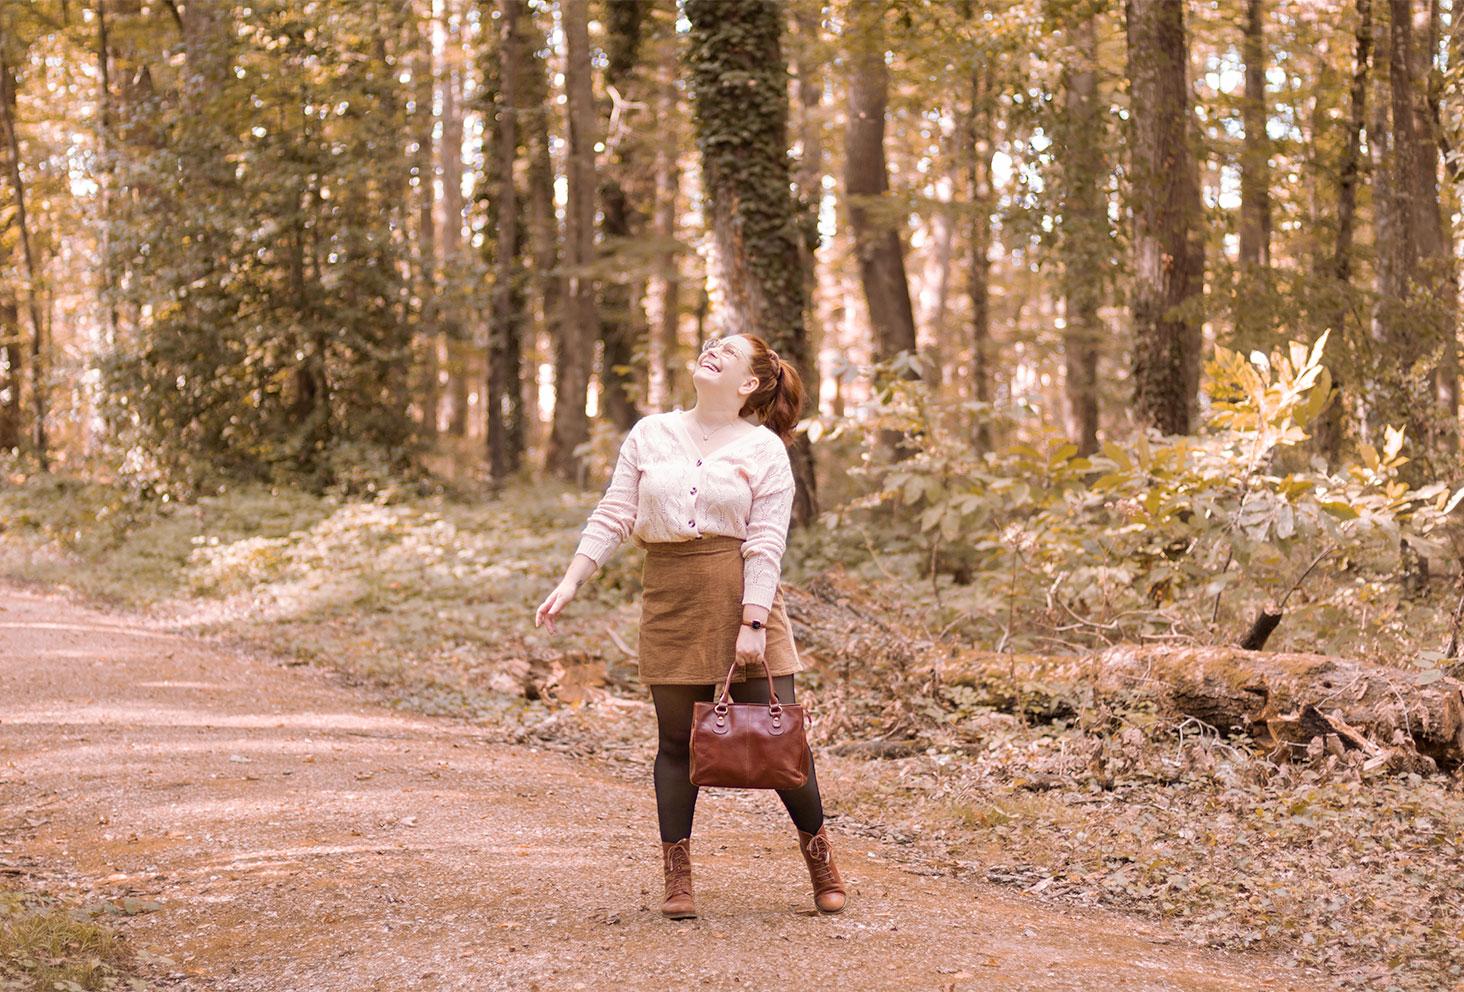 Dans la forêt avec le sourire, en gilet beige et jupe-short en velours marron